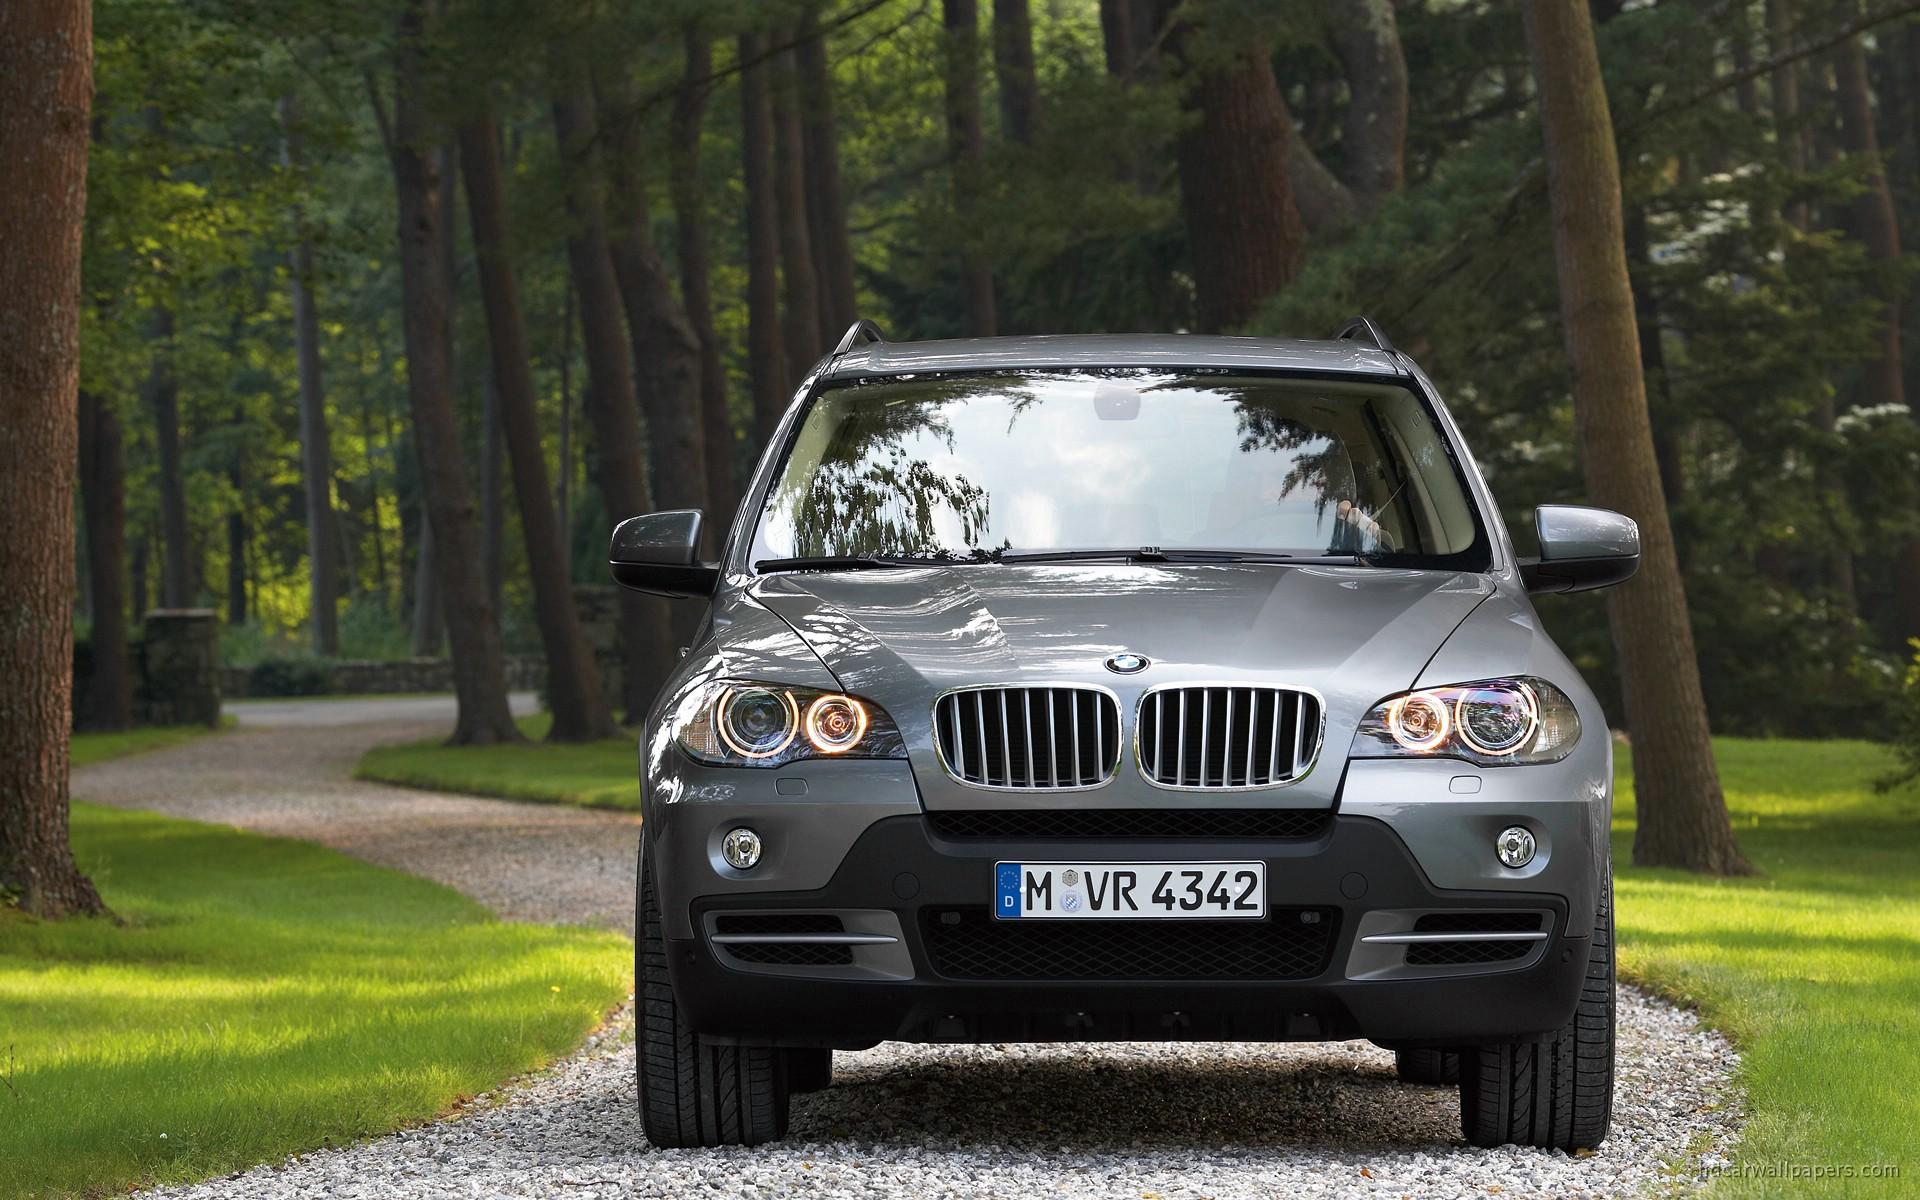 2007 BMW X5 Wallpaper   HD Car Wallpapers   ID #323